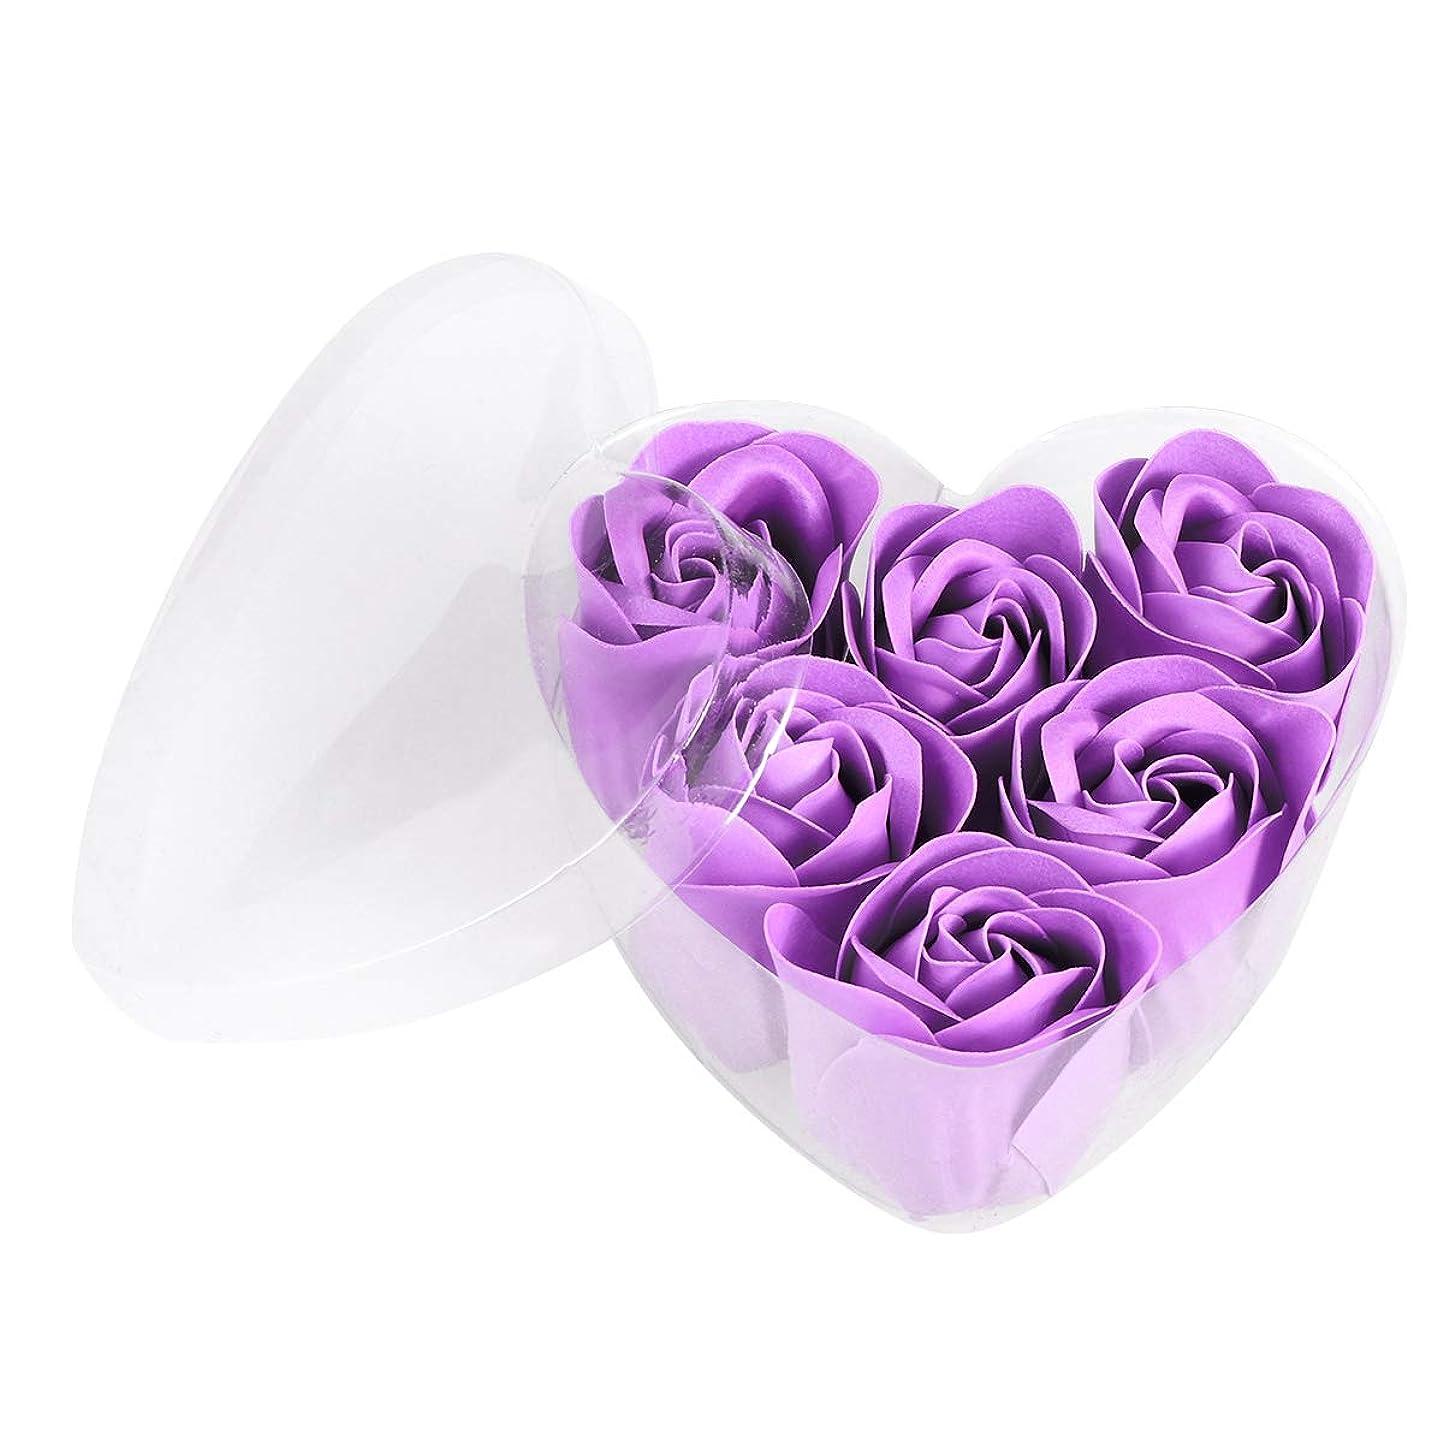 大西洋食べる忘れるBeaupretty 6本シミュレーションローズソープハート型フラワーソープギフトボックス結婚式の誕生日Valentin's Day(紫)